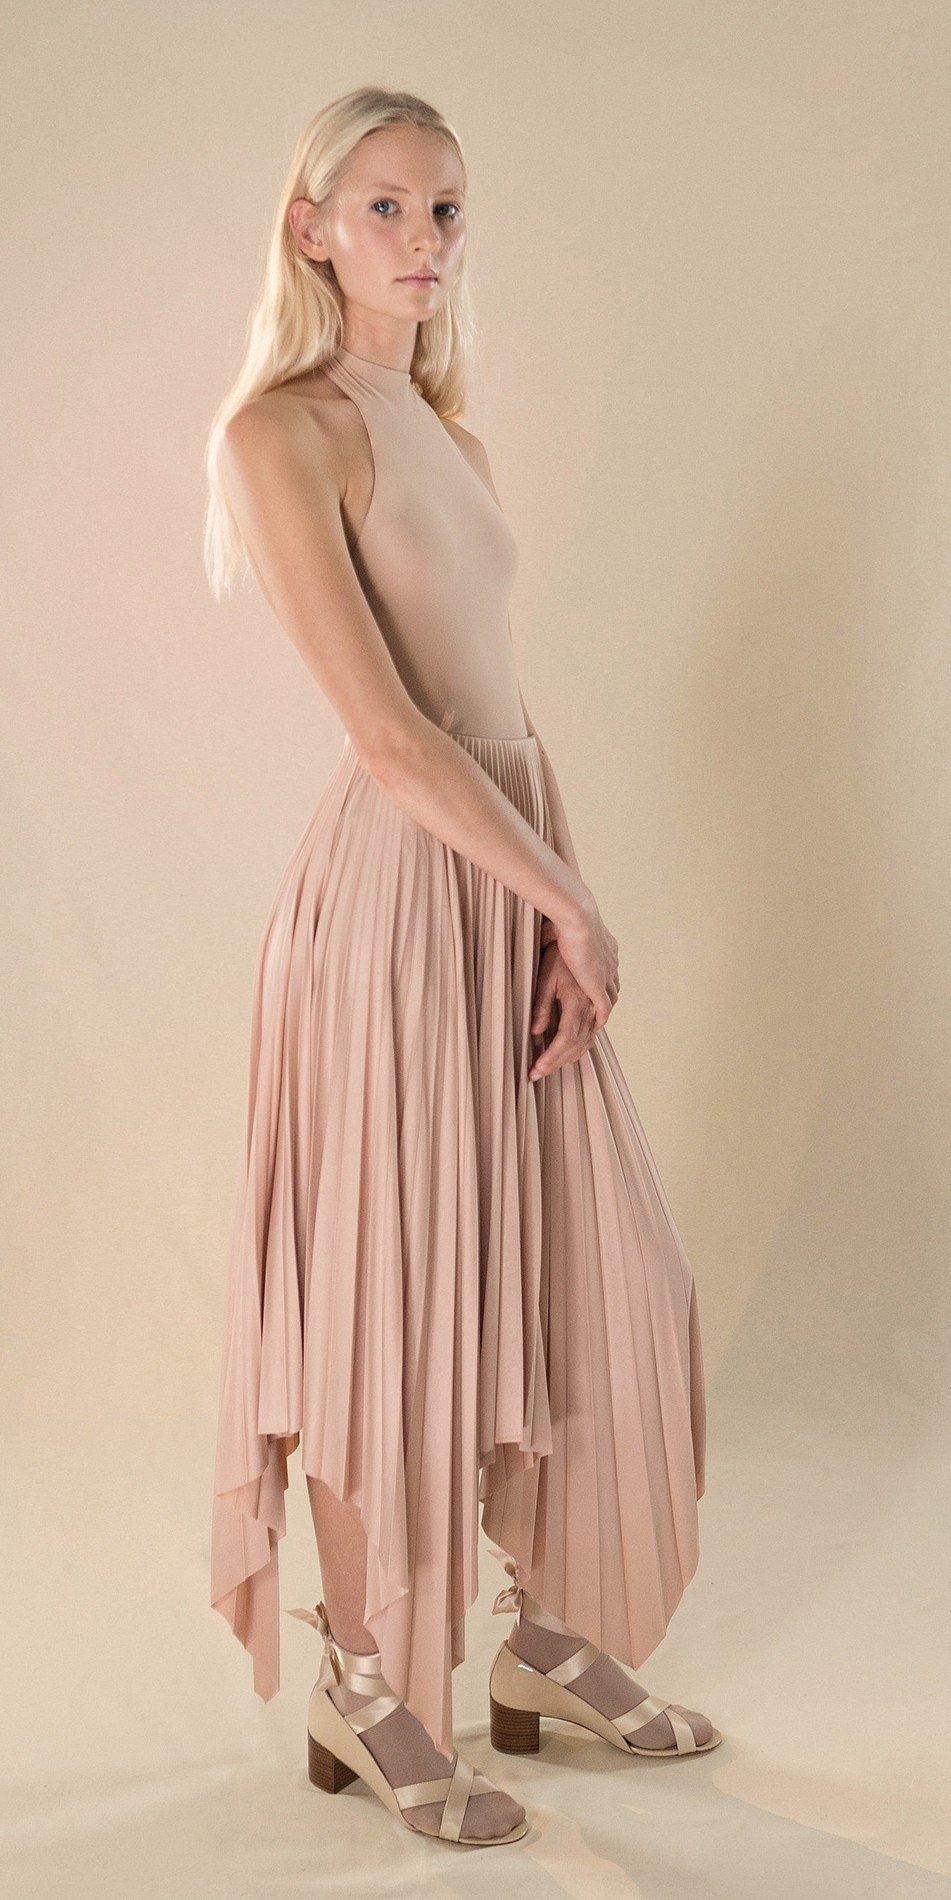 SUN20RAY nude pleated skirt 3 r 2